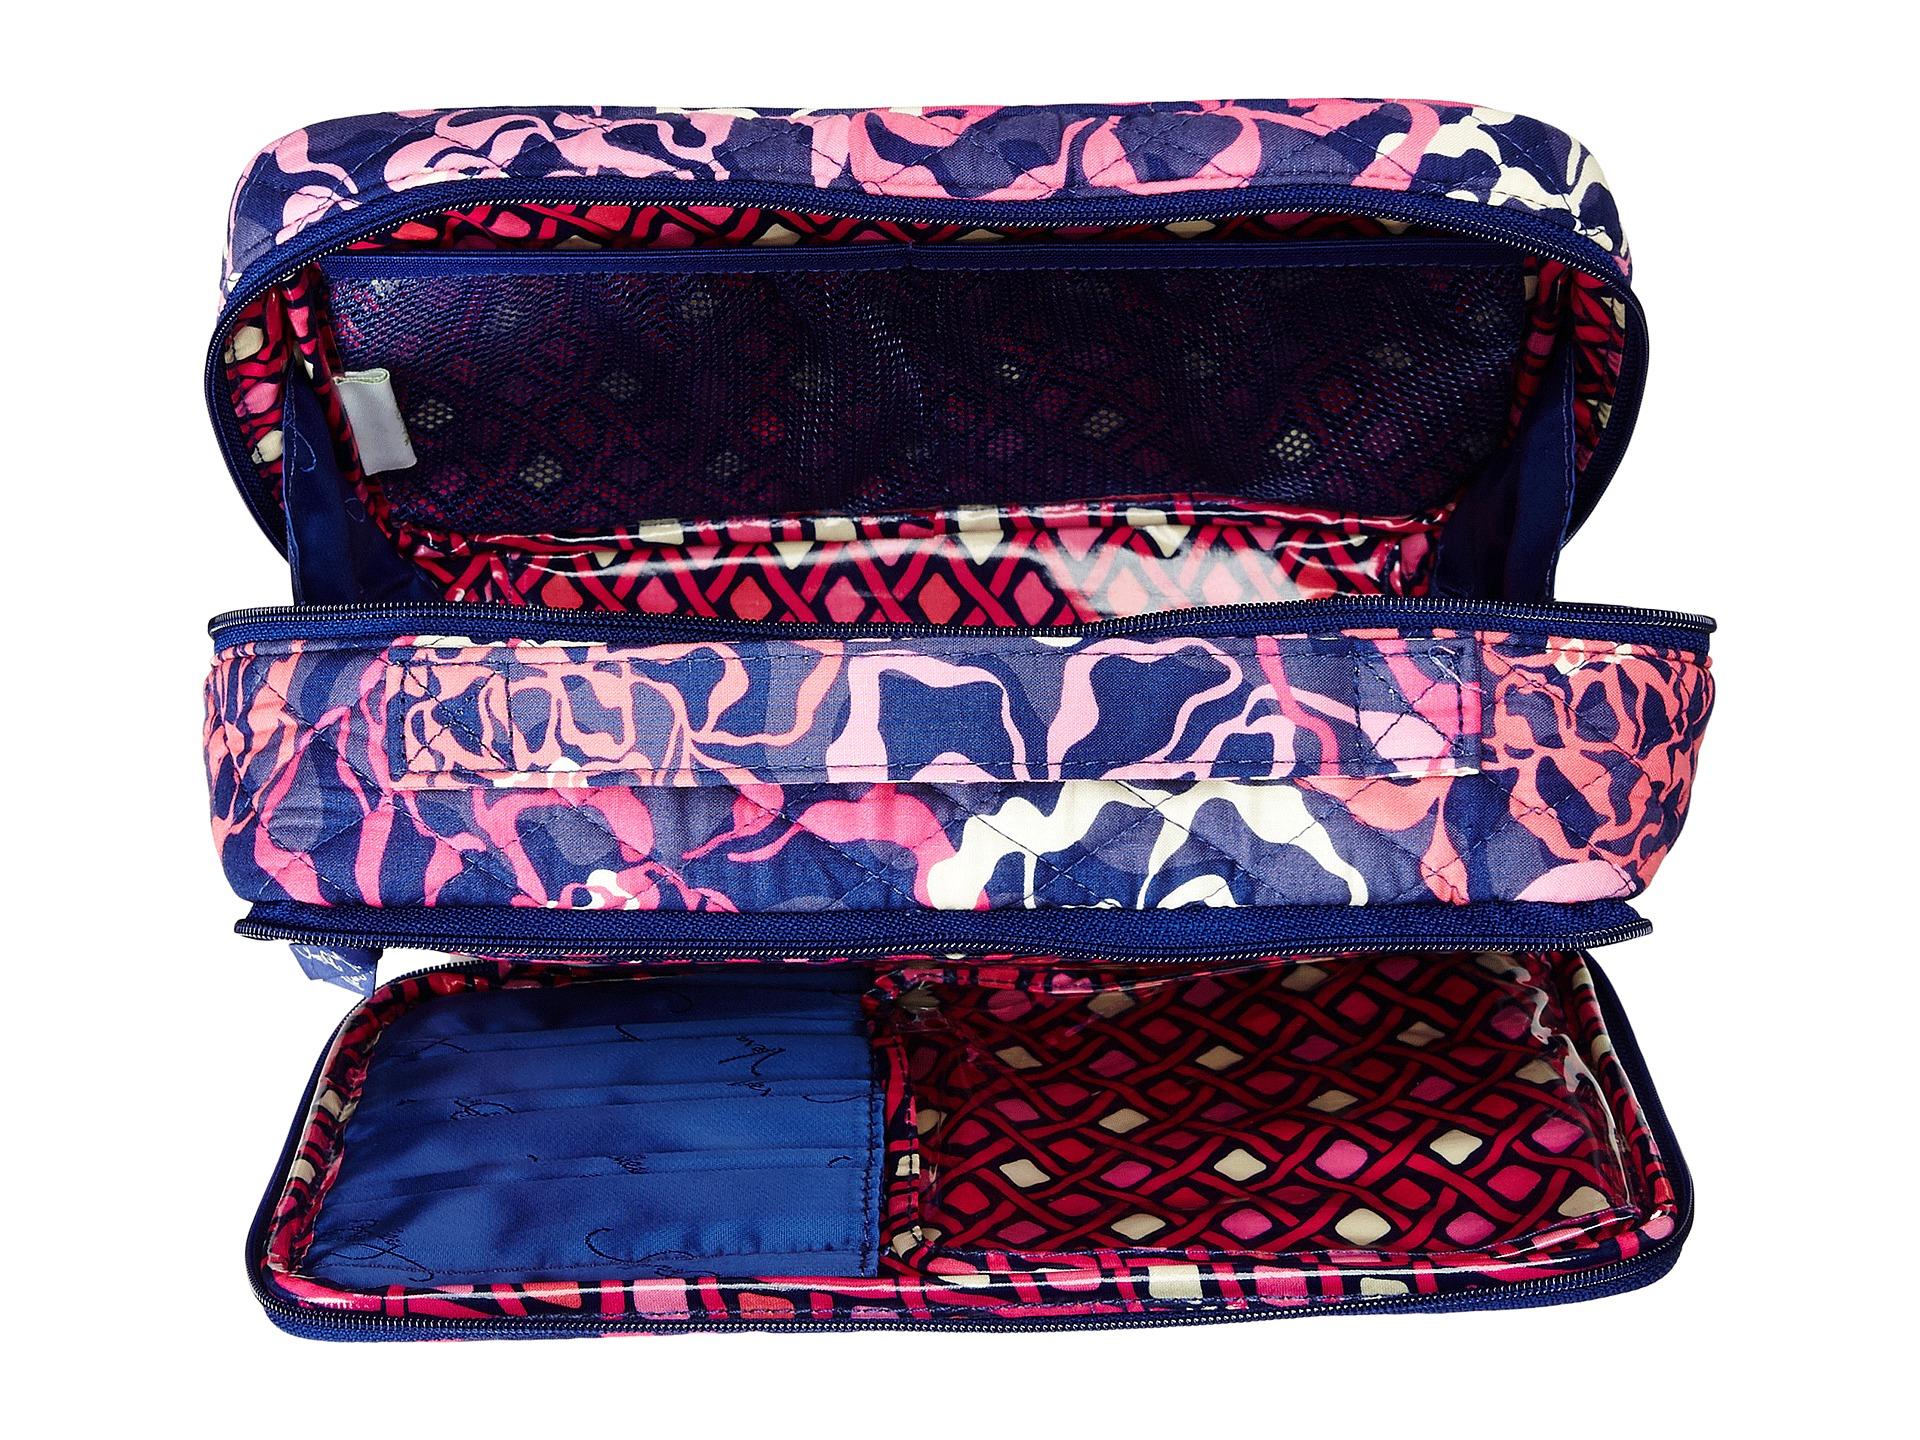 Lyst Vera Bradley Large Blush Amp Brush Makeup Case In Pink